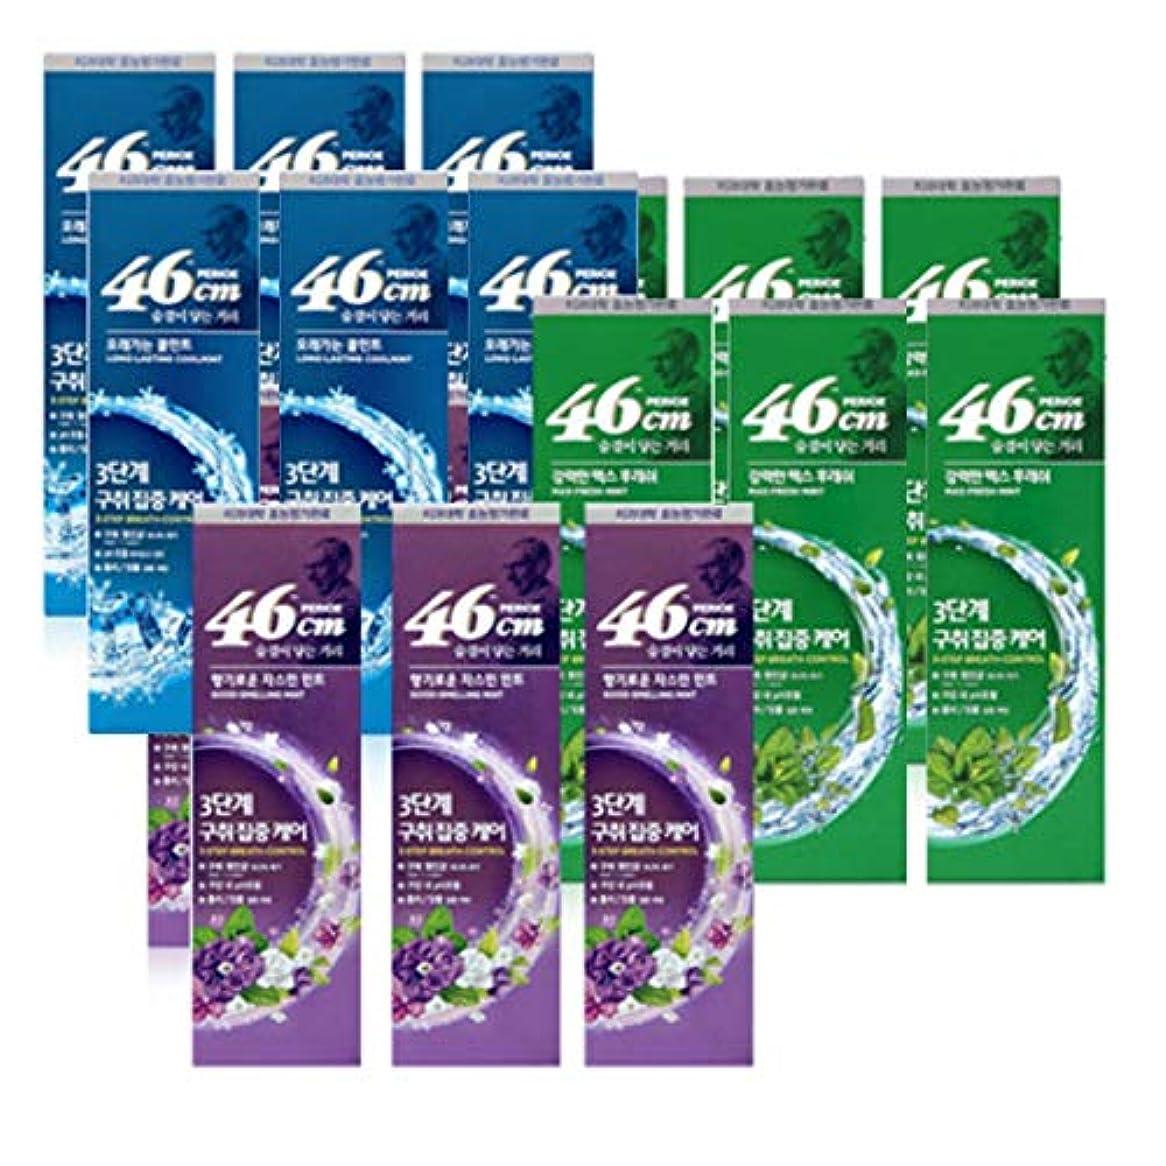 導体ずんぐりした悲劇的な[LG HnB] Perio 46cm toothpaste / ペリオ46cm歯磨き粉 100gx18個(海外直送品)